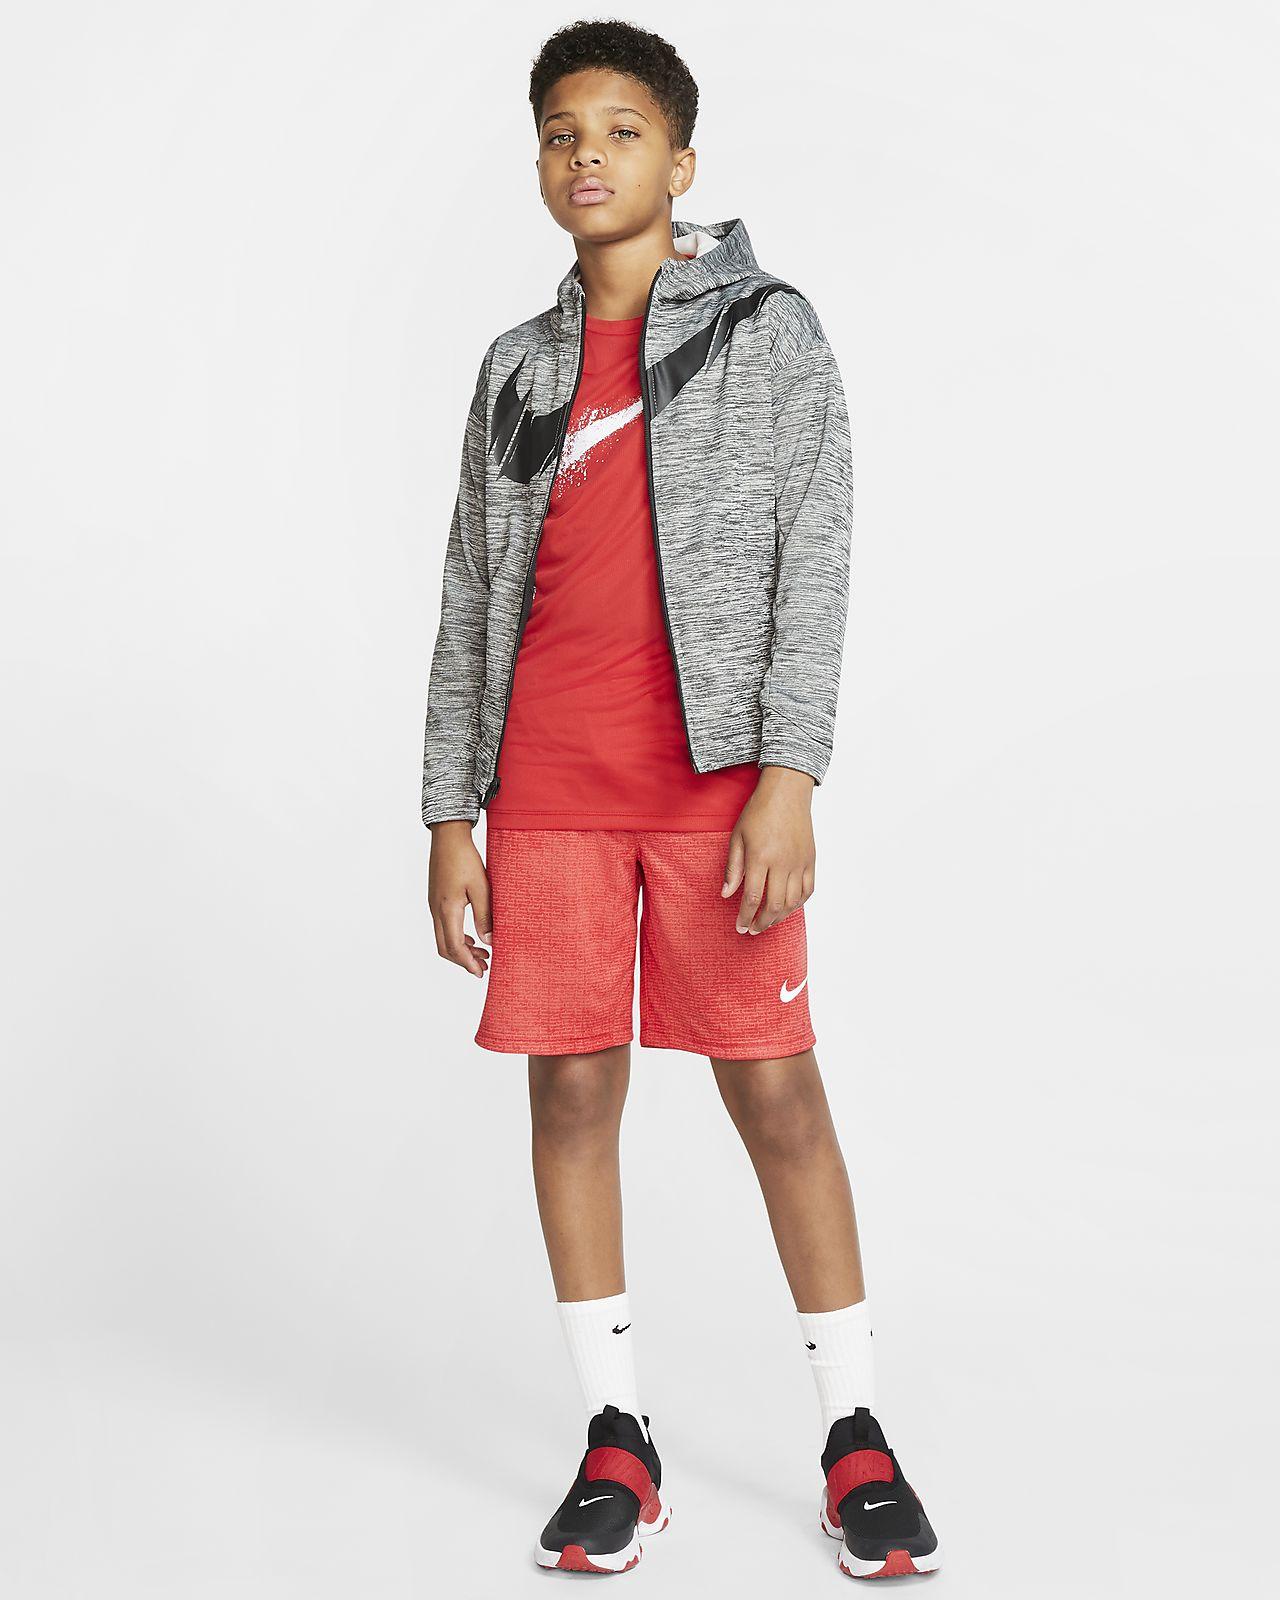 Nike Youth Boys Athletic Dri Fit